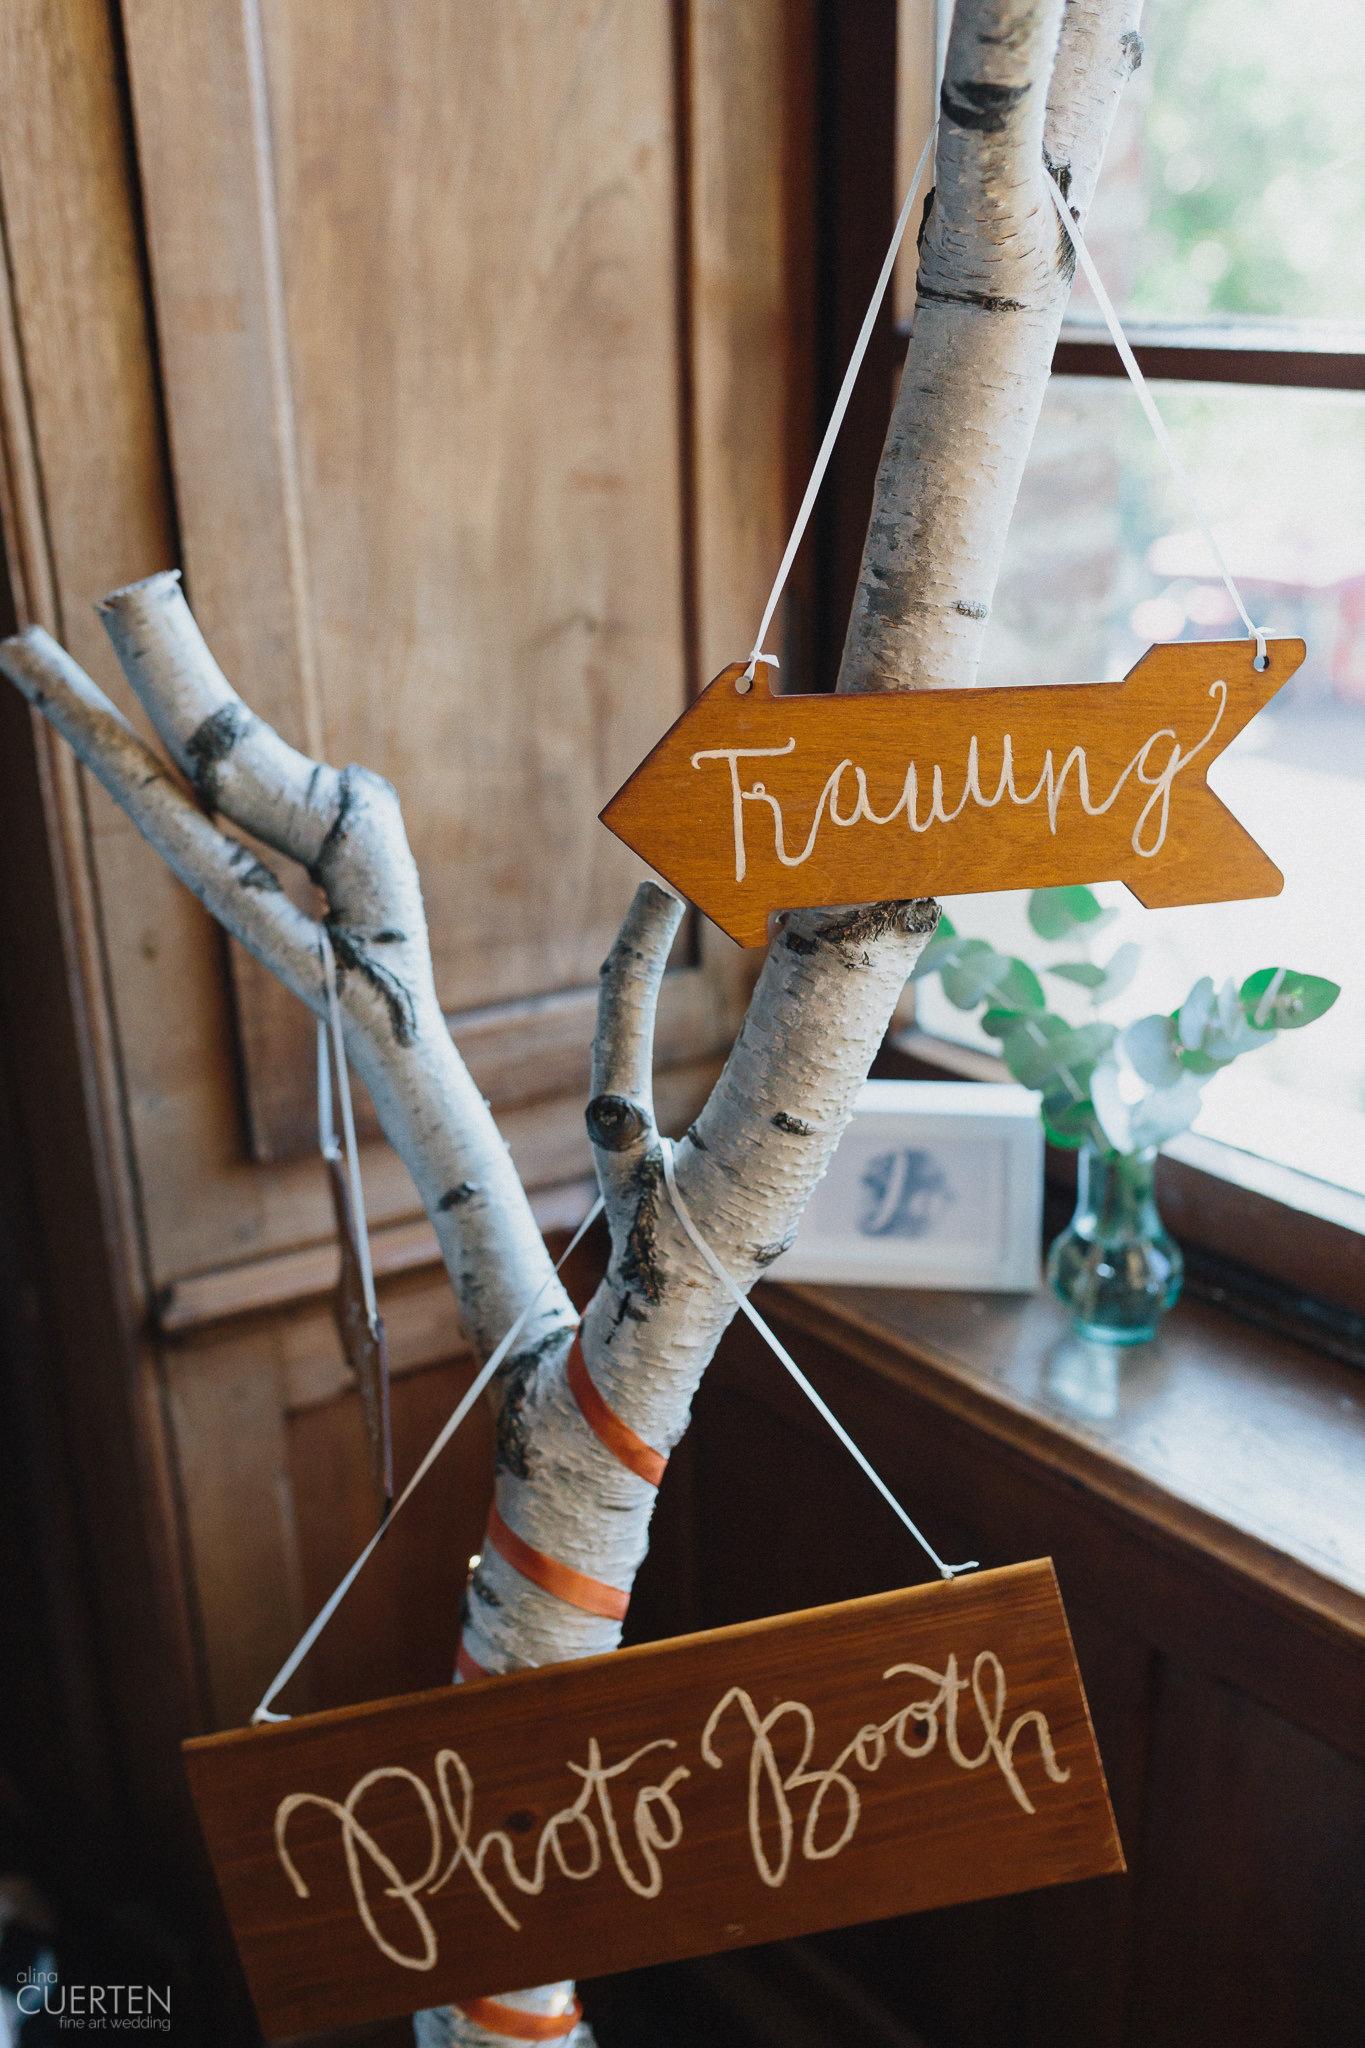 Tatsaechlich Liebe Hochzeitsmesse 013 Foto alina CUERTEN fine art wedding